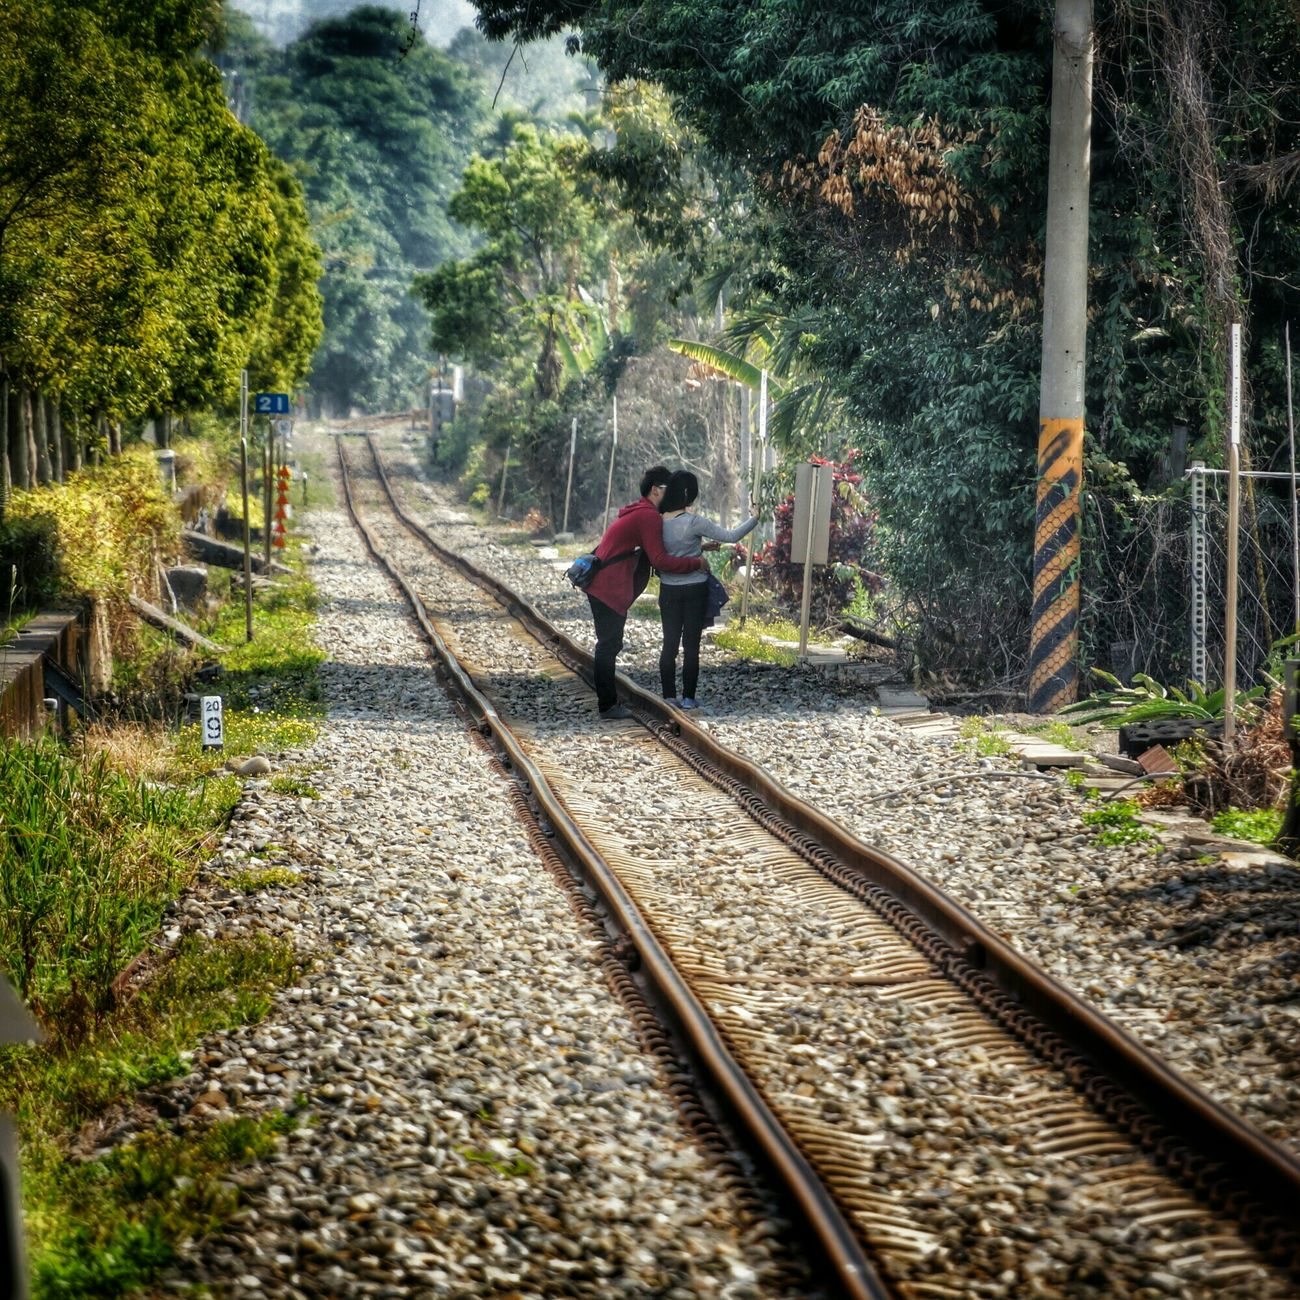 .戀人 lovers Portrait Train What I Saw The View And The Spirit Of Taiwan 台灣景 台灣情 Streetphotography